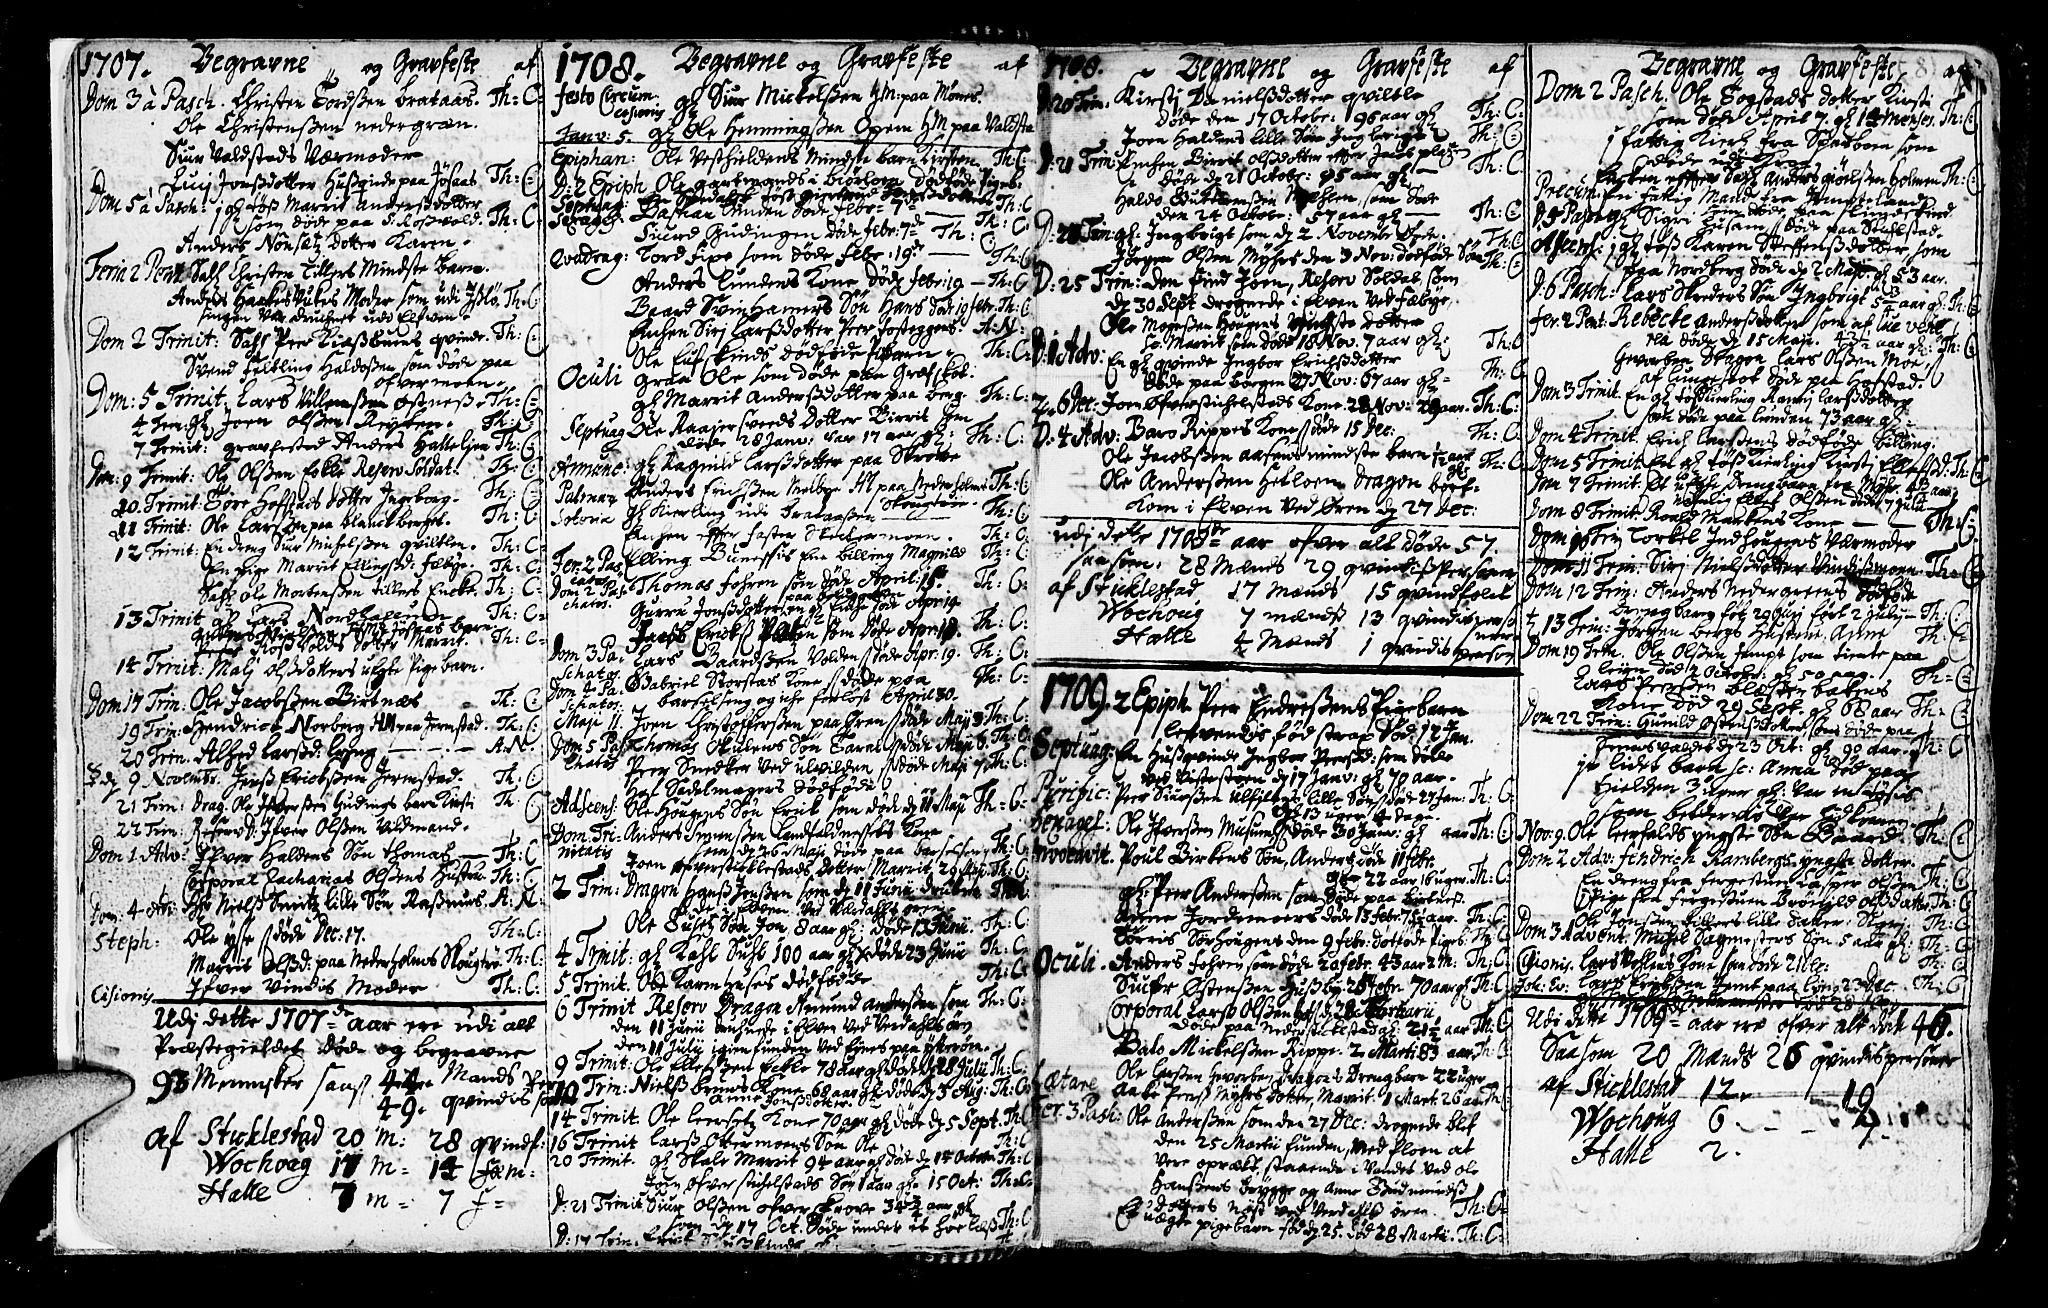 SAT, Ministerialprotokoller, klokkerbøker og fødselsregistre - Nord-Trøndelag, 723/L0230: Ministerialbok nr. 723A01, 1705-1747, s. 8